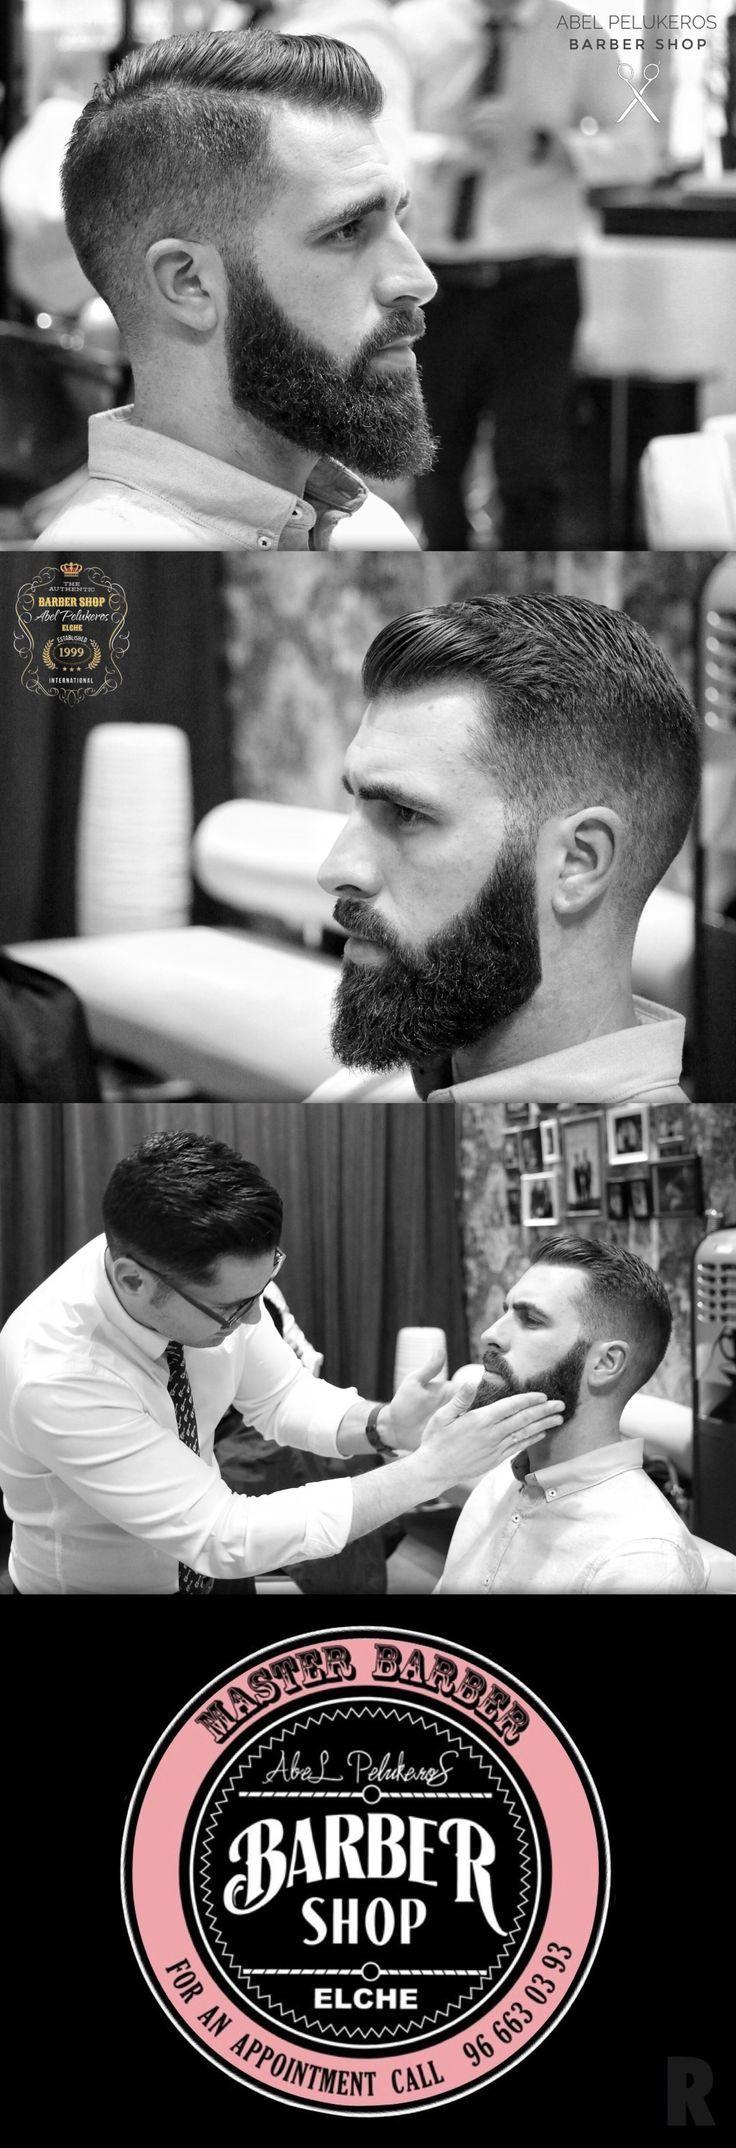 Épinglé par guimoon sur barbe en 2018   pinterest   coiffure homme